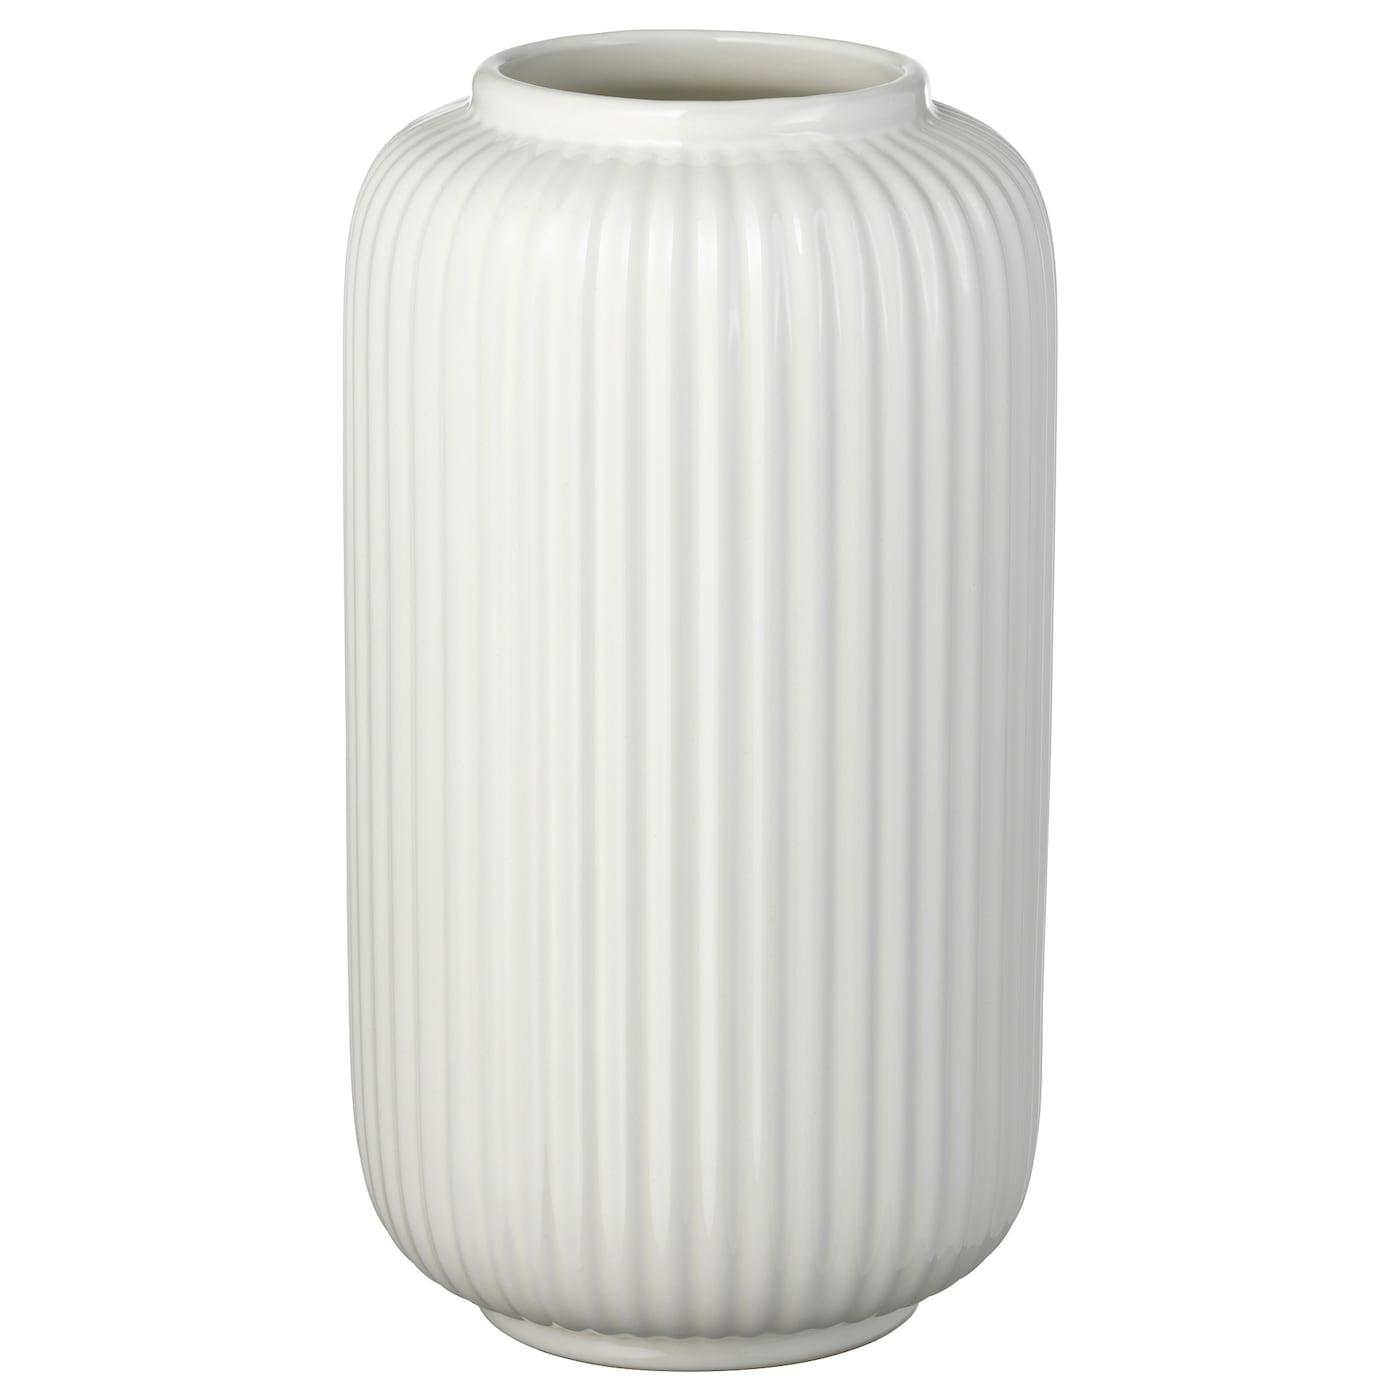 STILREN スティルレーン 花瓶